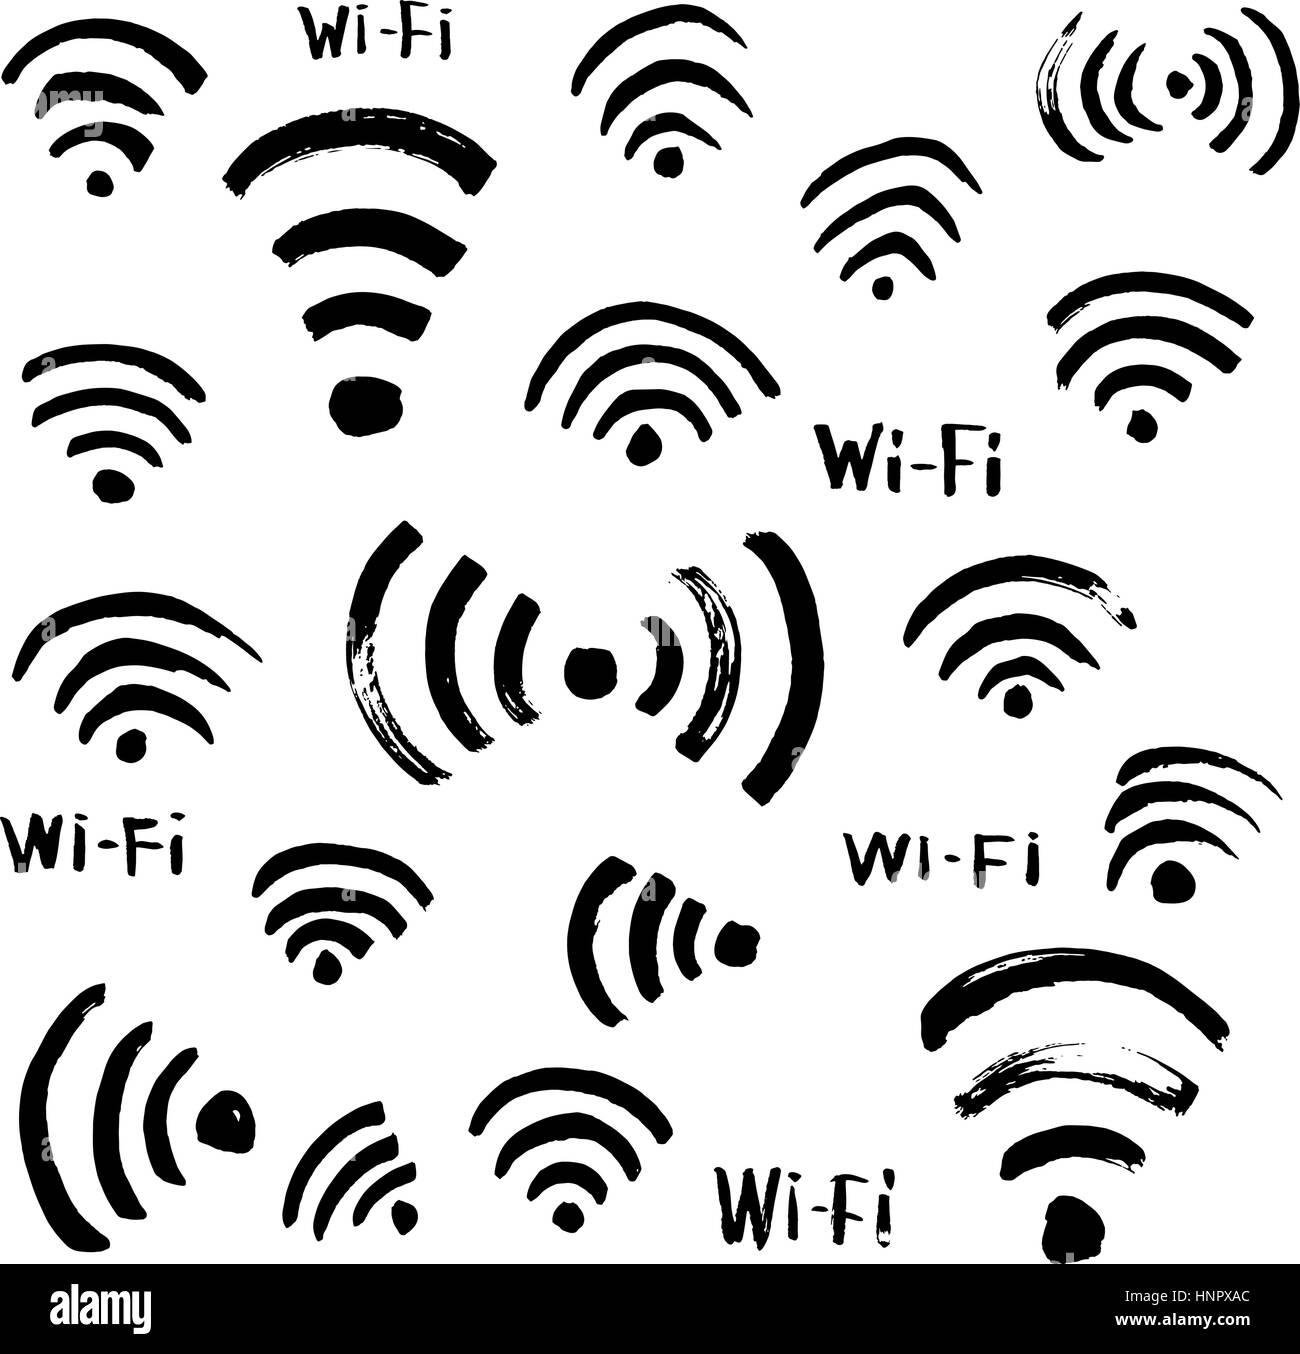 Croquis dessinés à la main, l'icône Wi-Fi Photo Stock